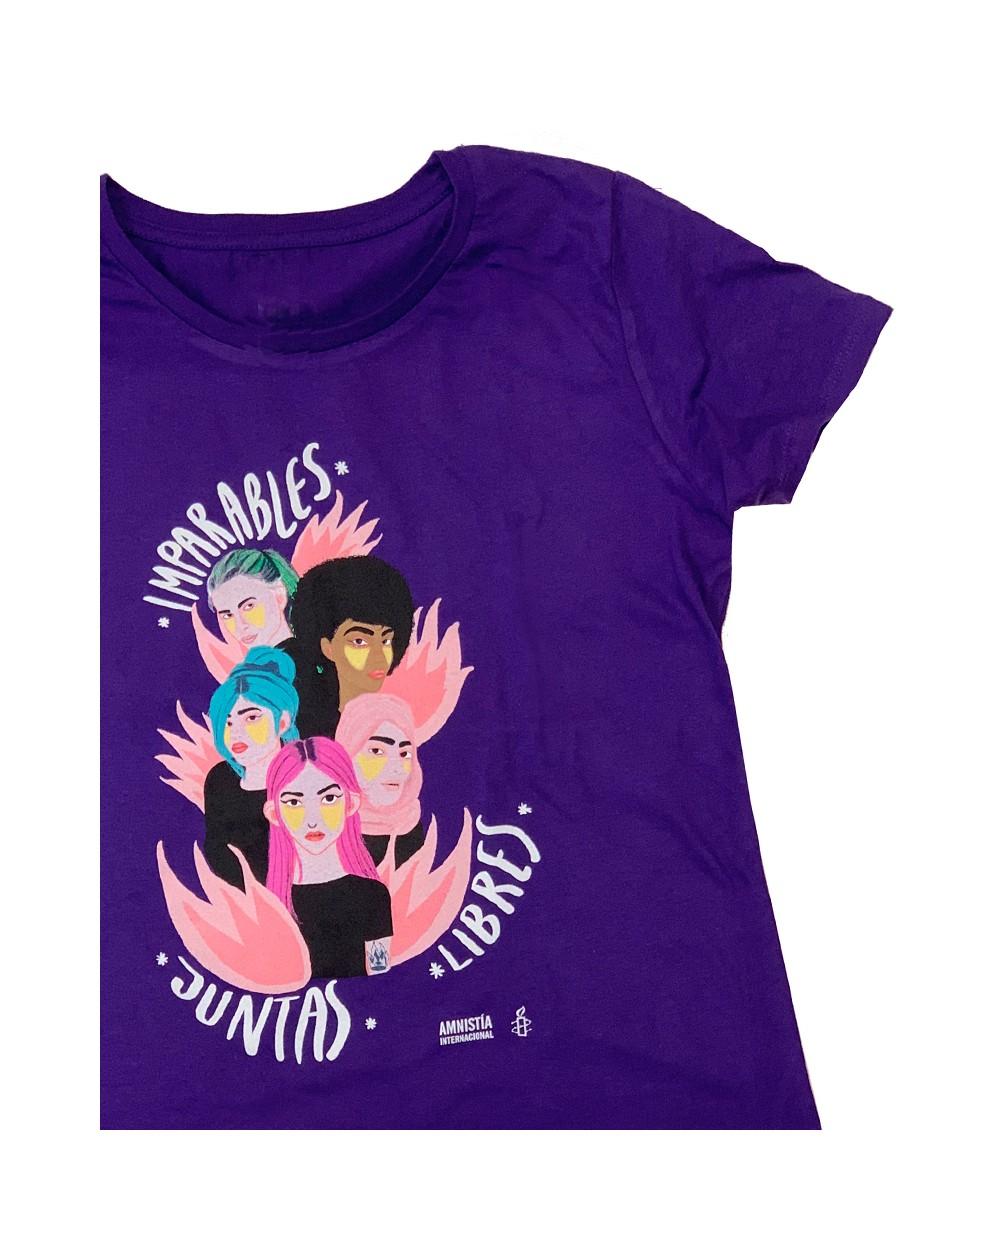 Camiseta Feminista morada para el día de la mujer Amnistía Internacional sororidad